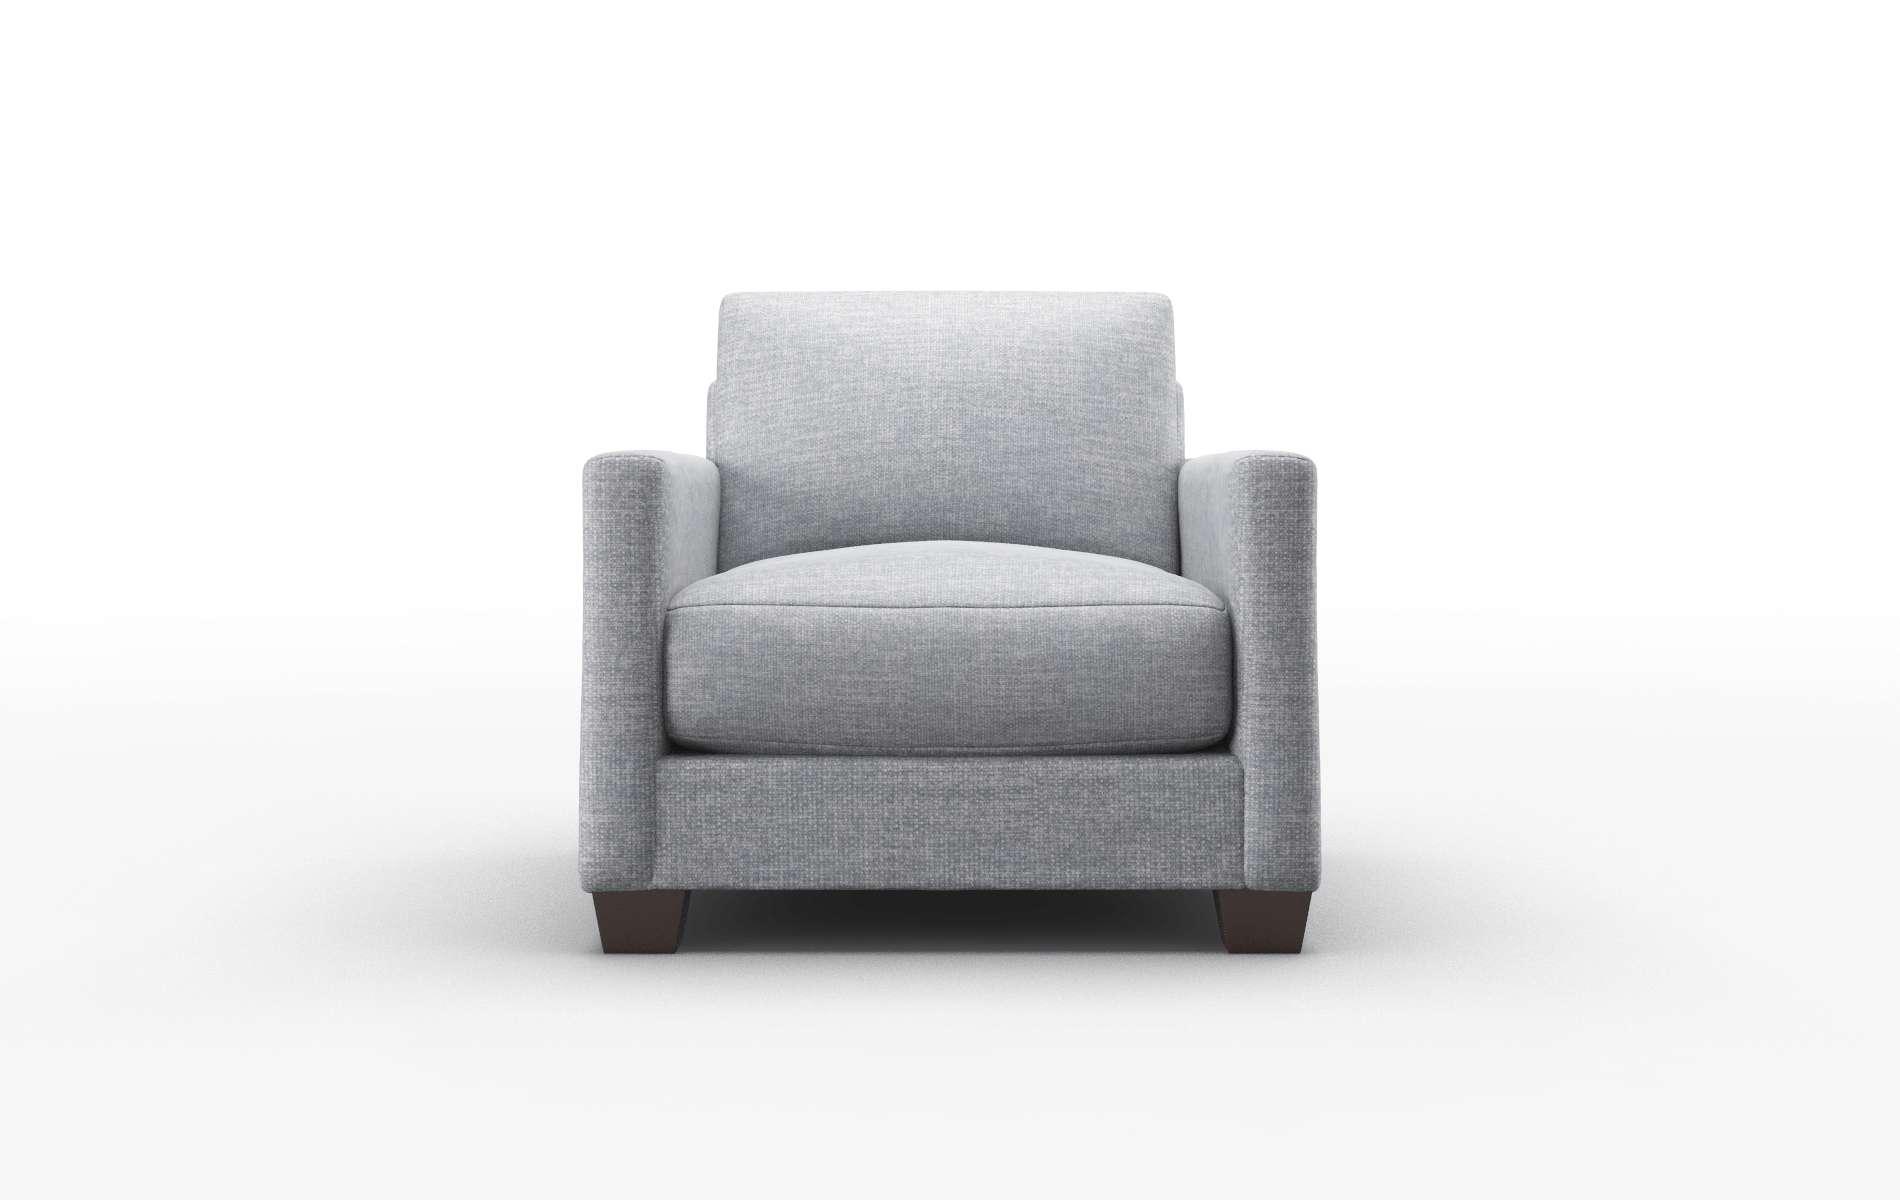 Dresden Keylargo Ash Chair espresso legs 1